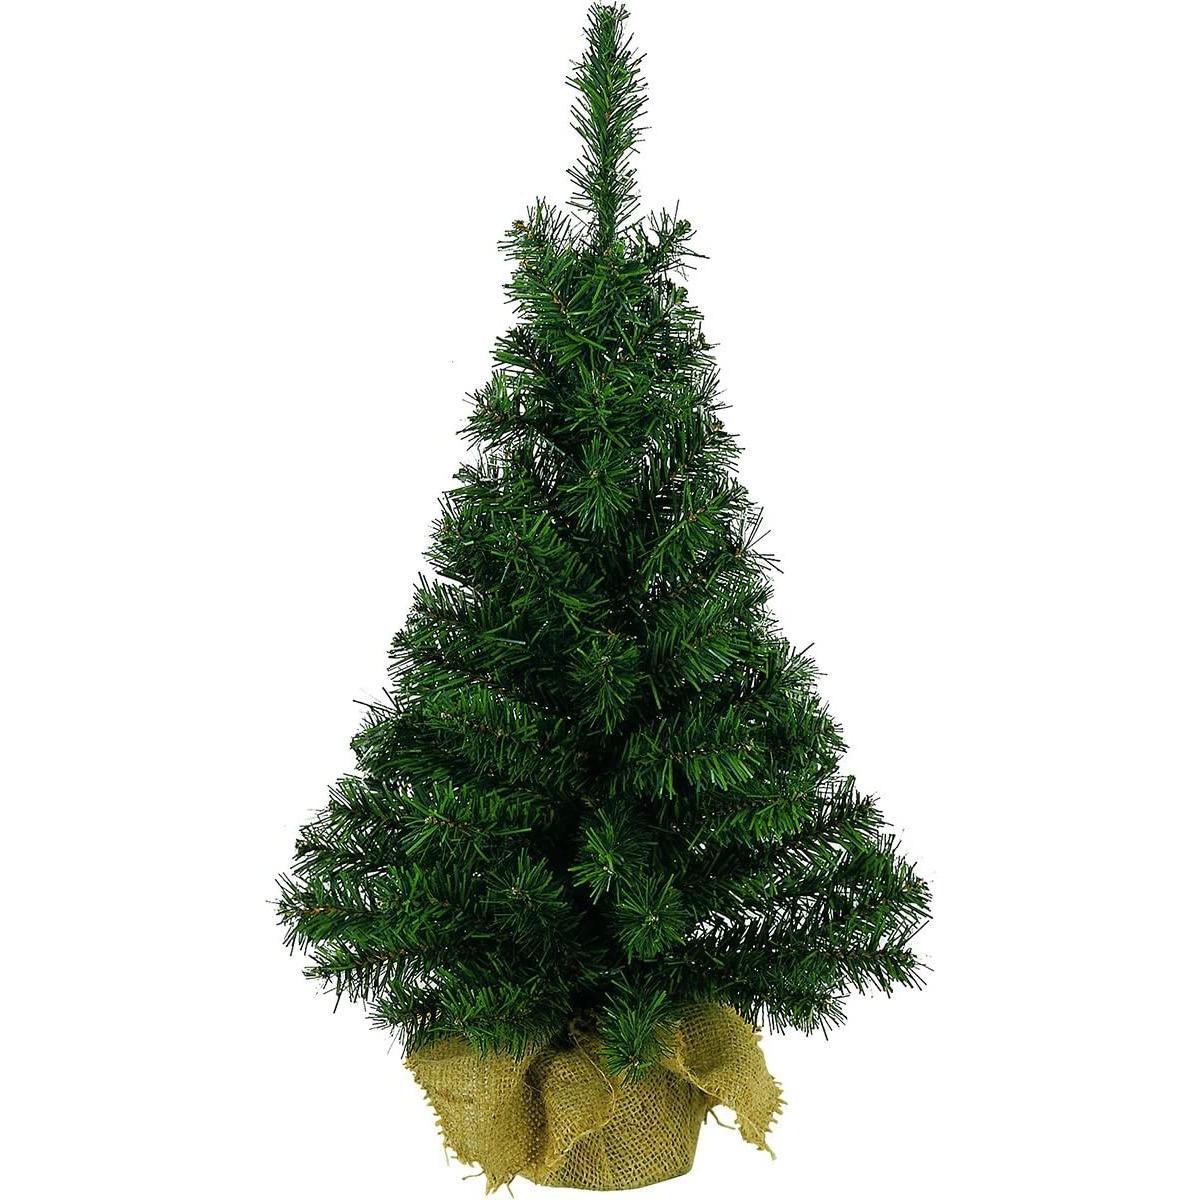 Volle mini kerstboom groen in jute zak 45 cm kunstbomen